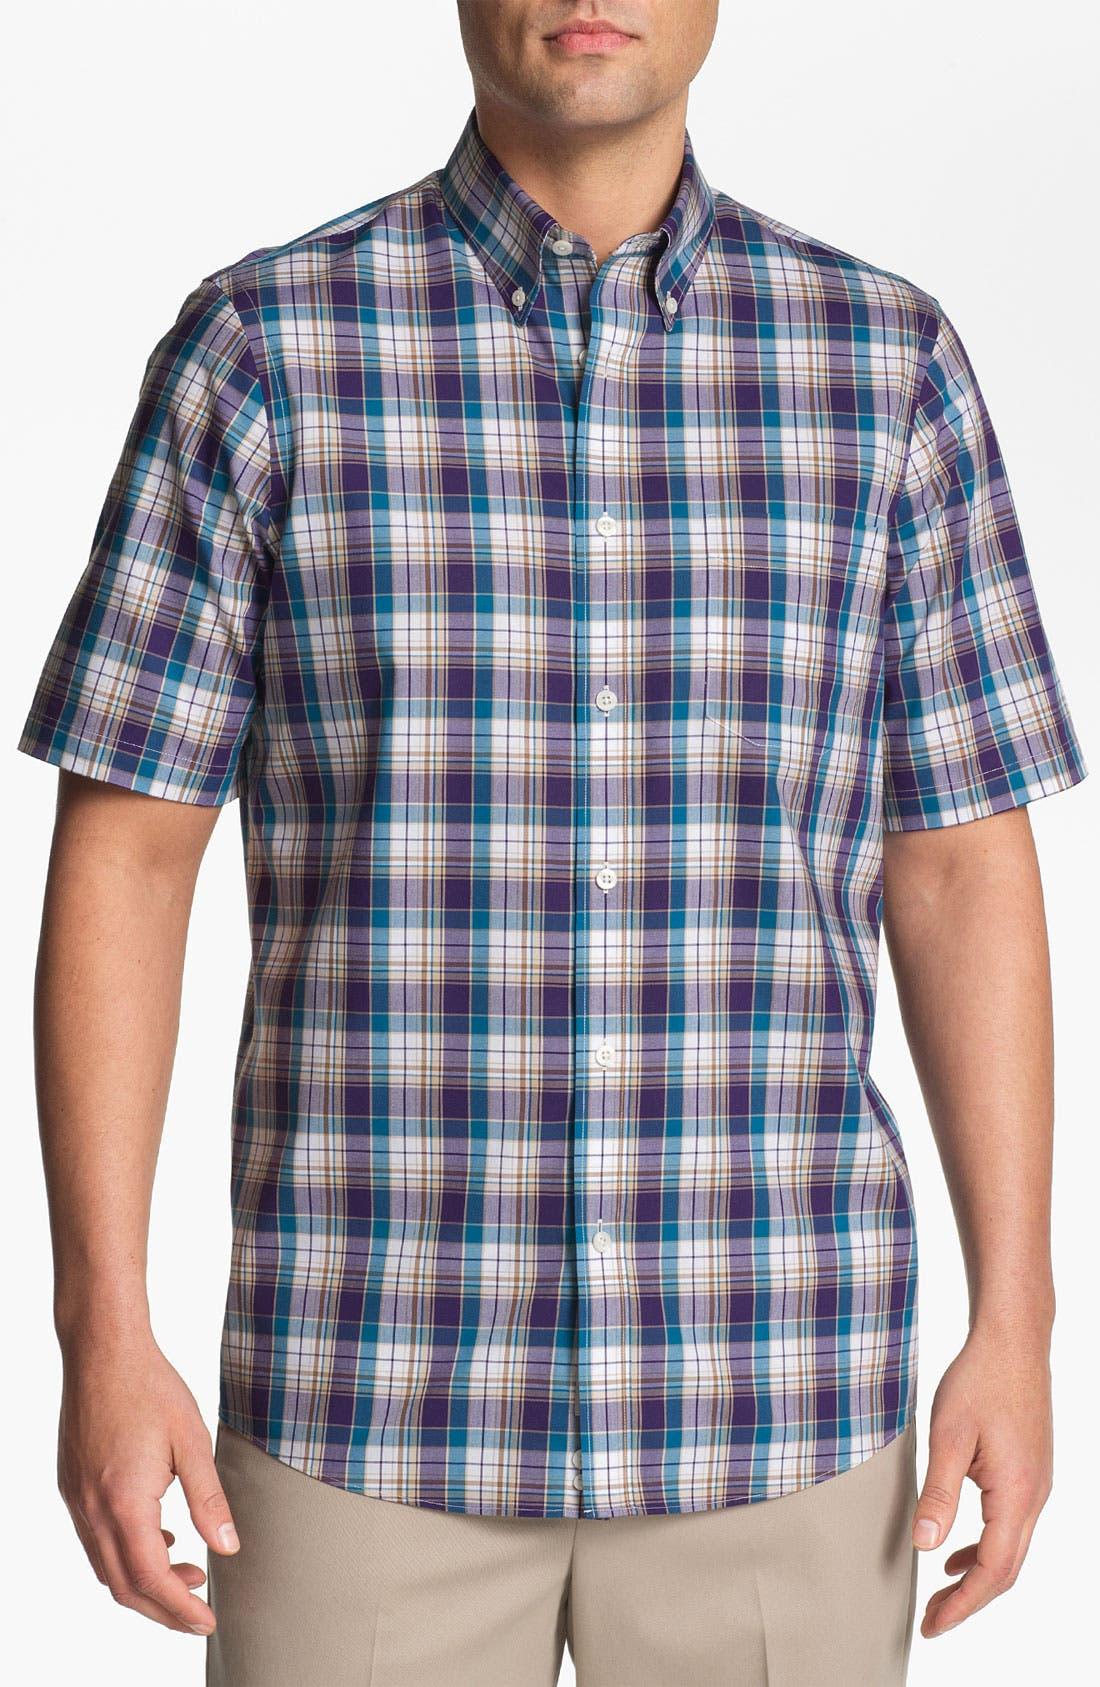 Alternate Image 1 Selected - Nordstrom Smartcare™ Regular Fit Short Sleeve Sport Shirt